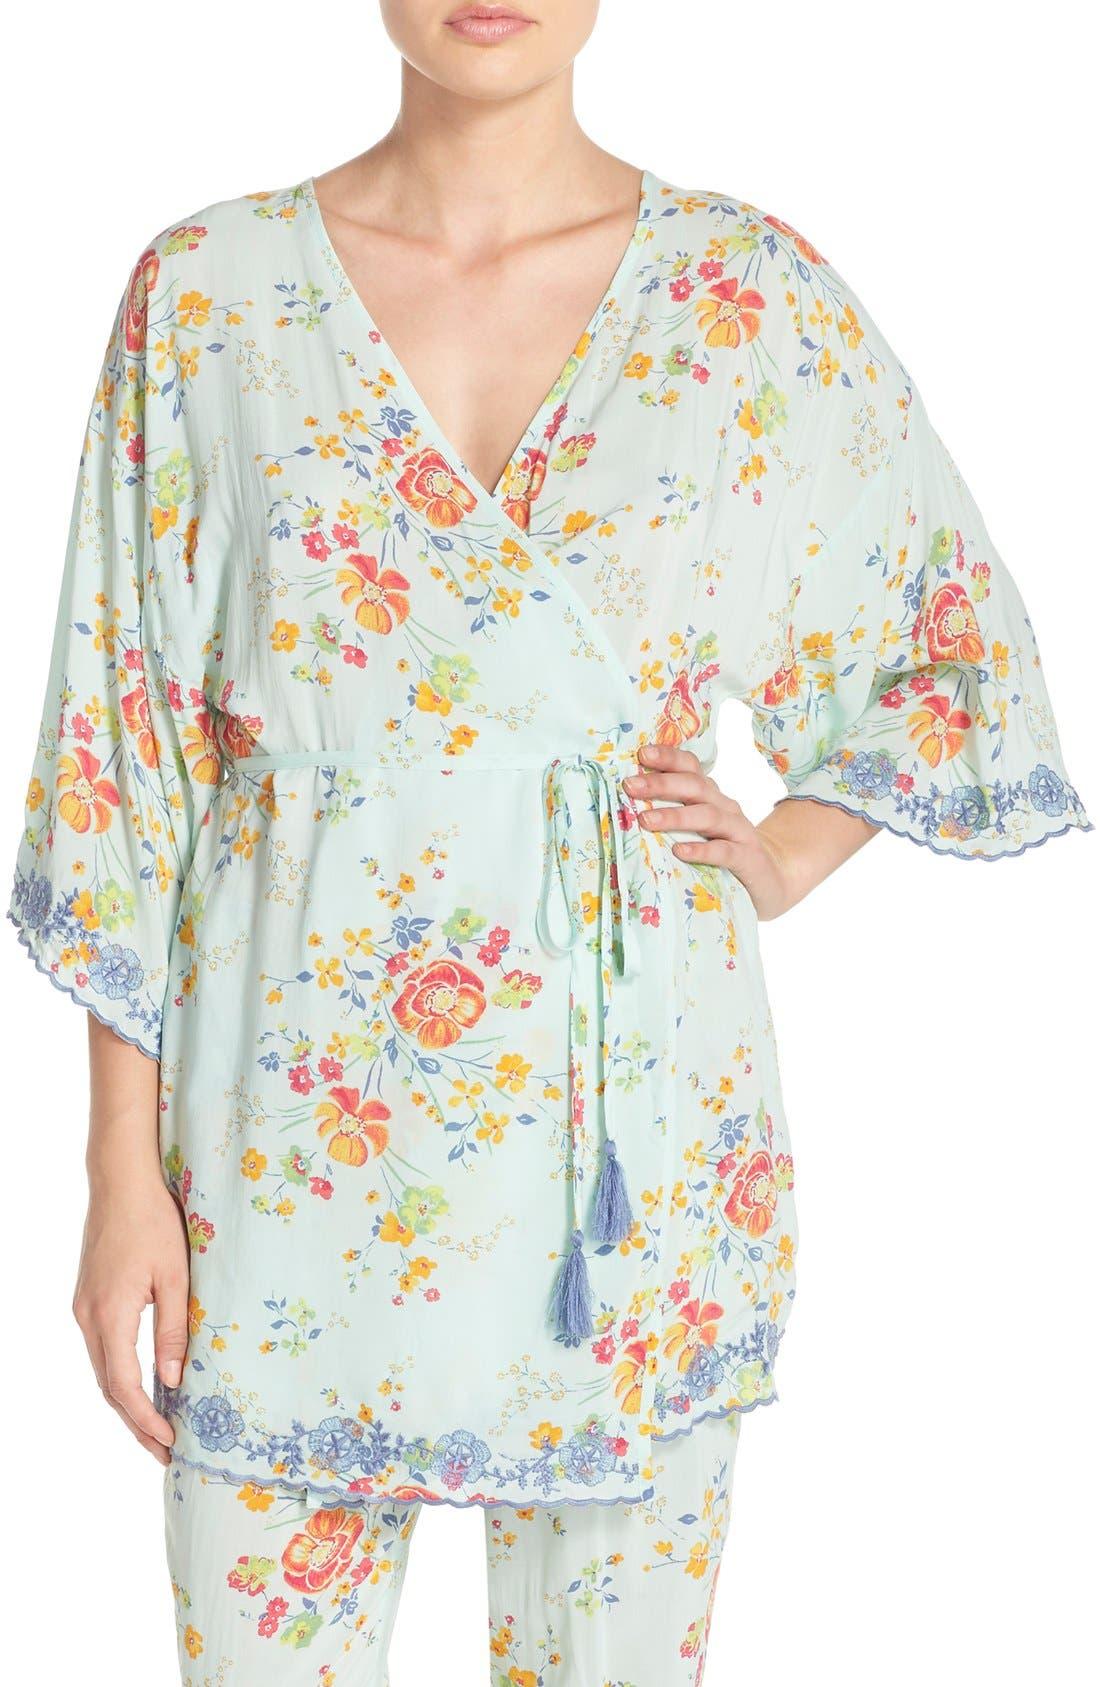 Alternate Image 1 Selected - Make + Model 'Summer Daze' Kimono Robe